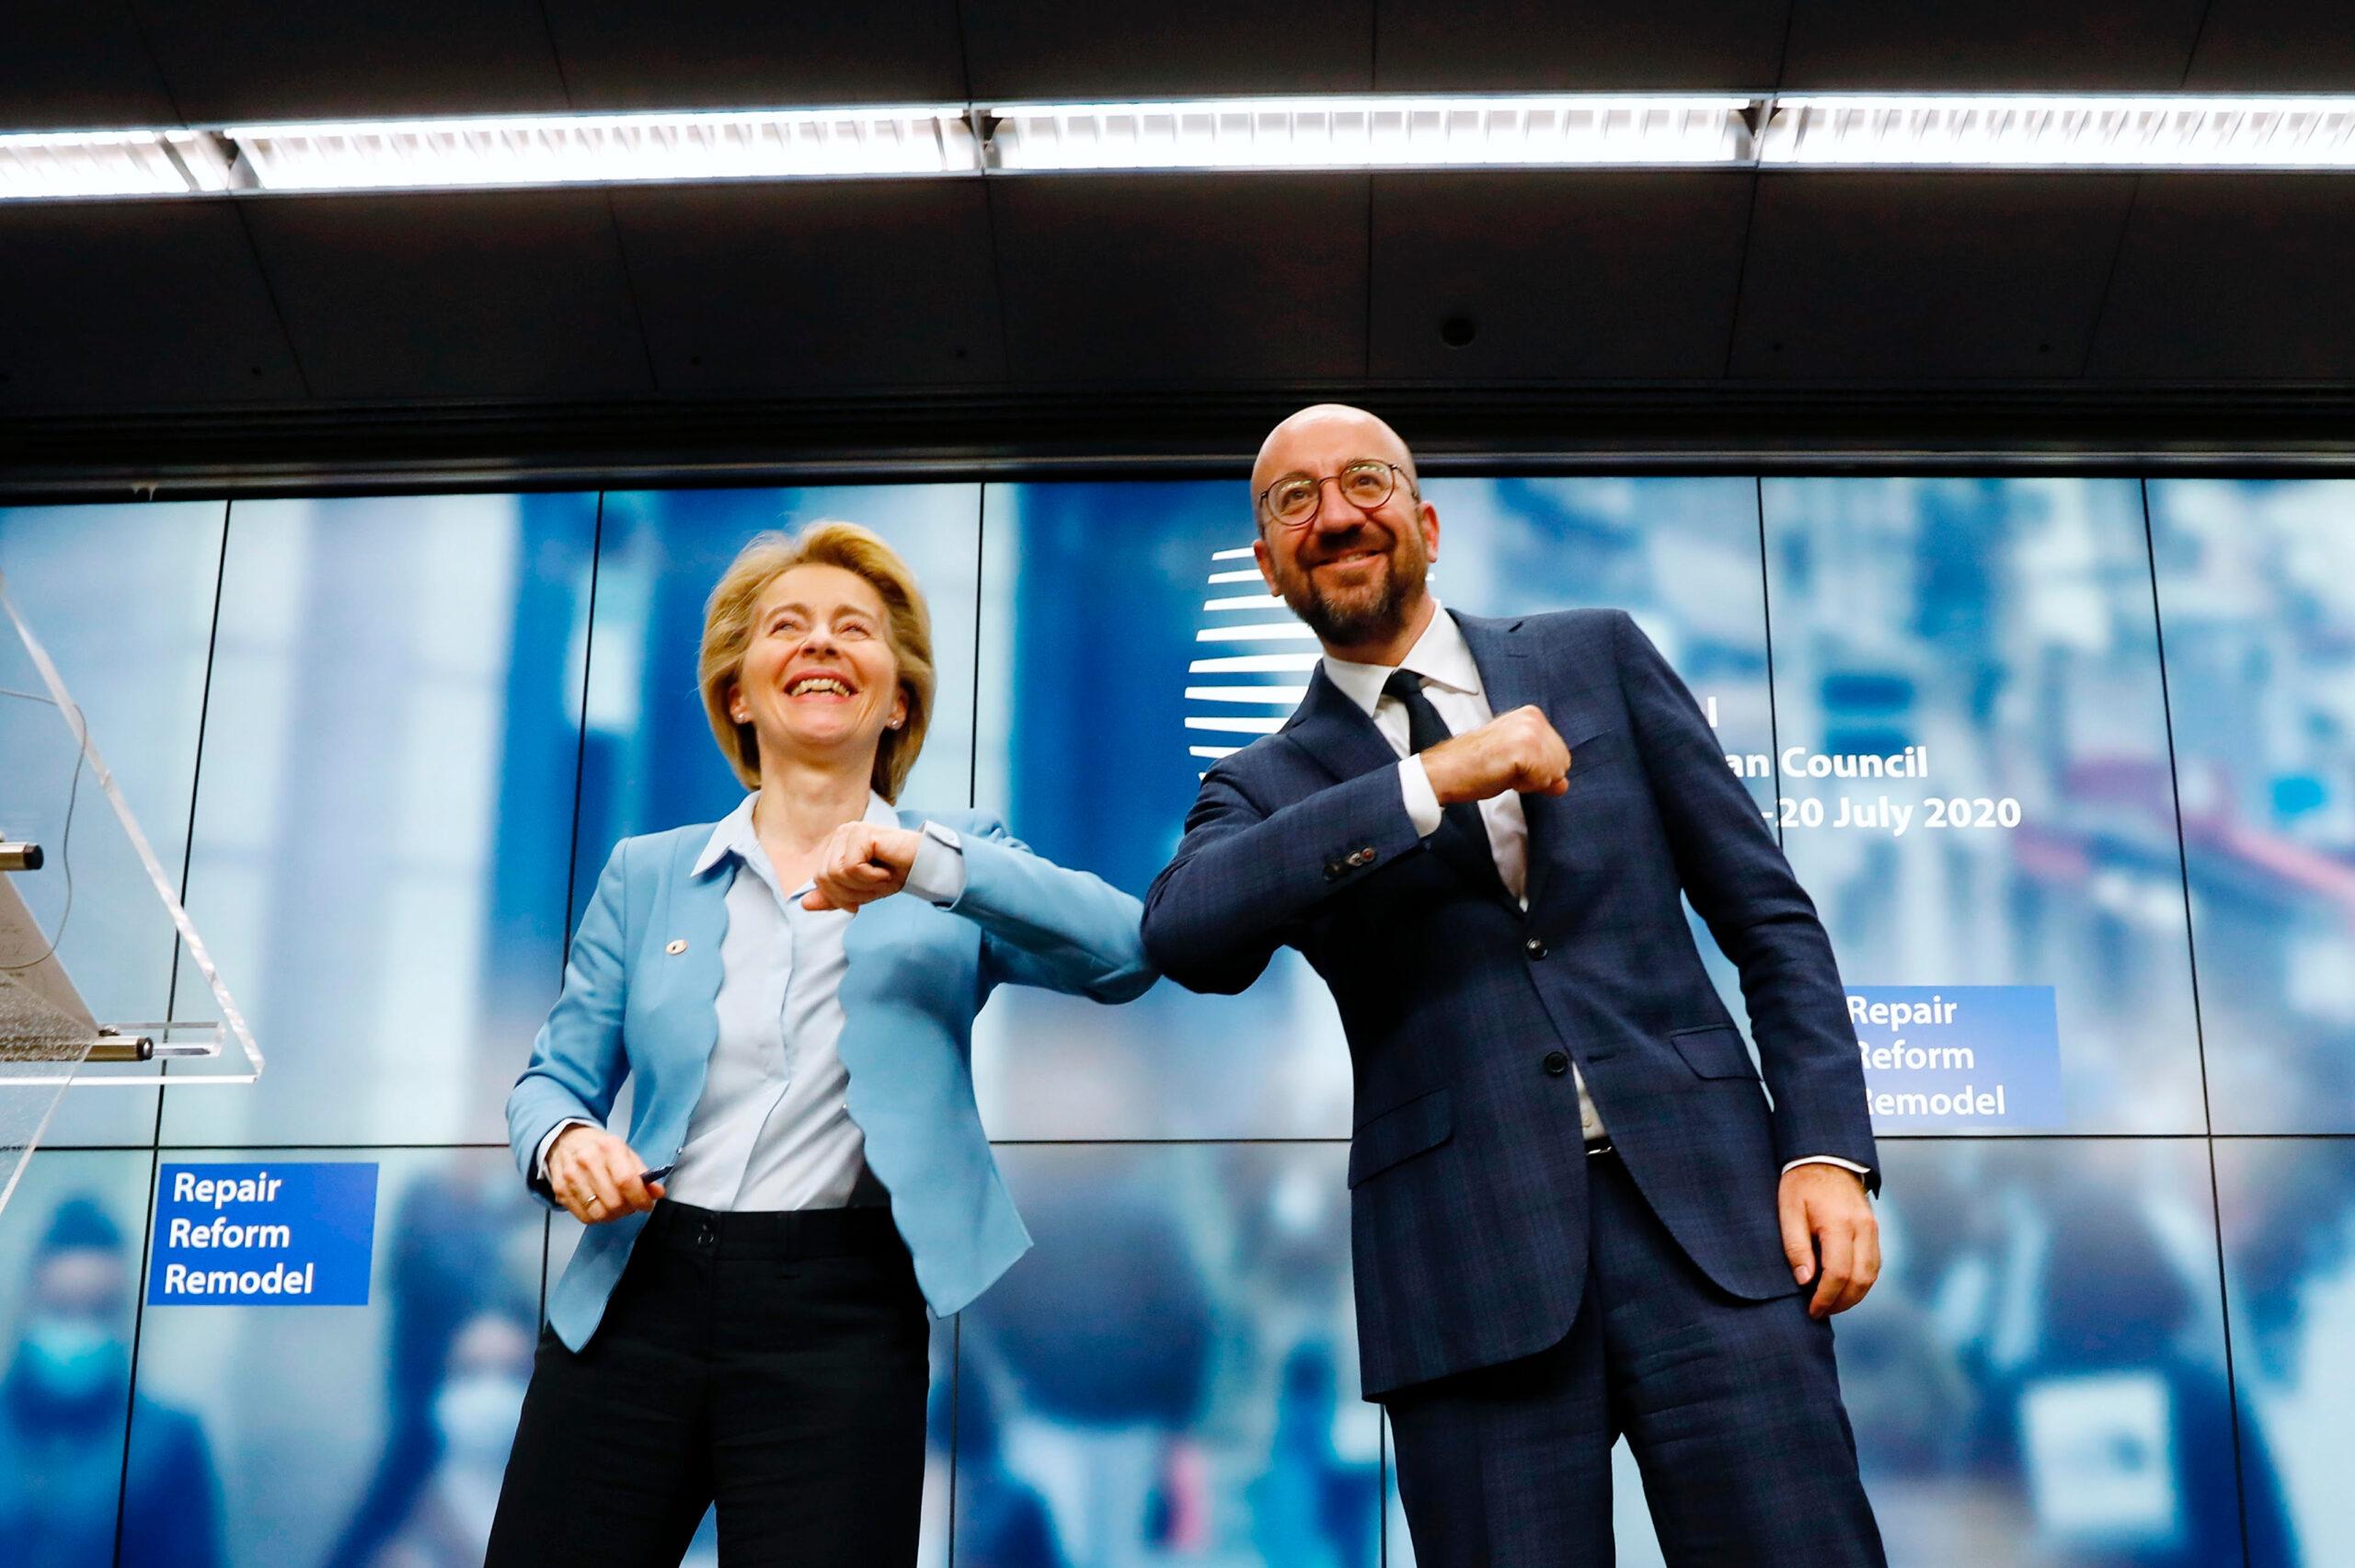 La presidenta de la Comissió Europea, Úrsula Von der Leyen, i el president del Consell Europeu, Charles Michel